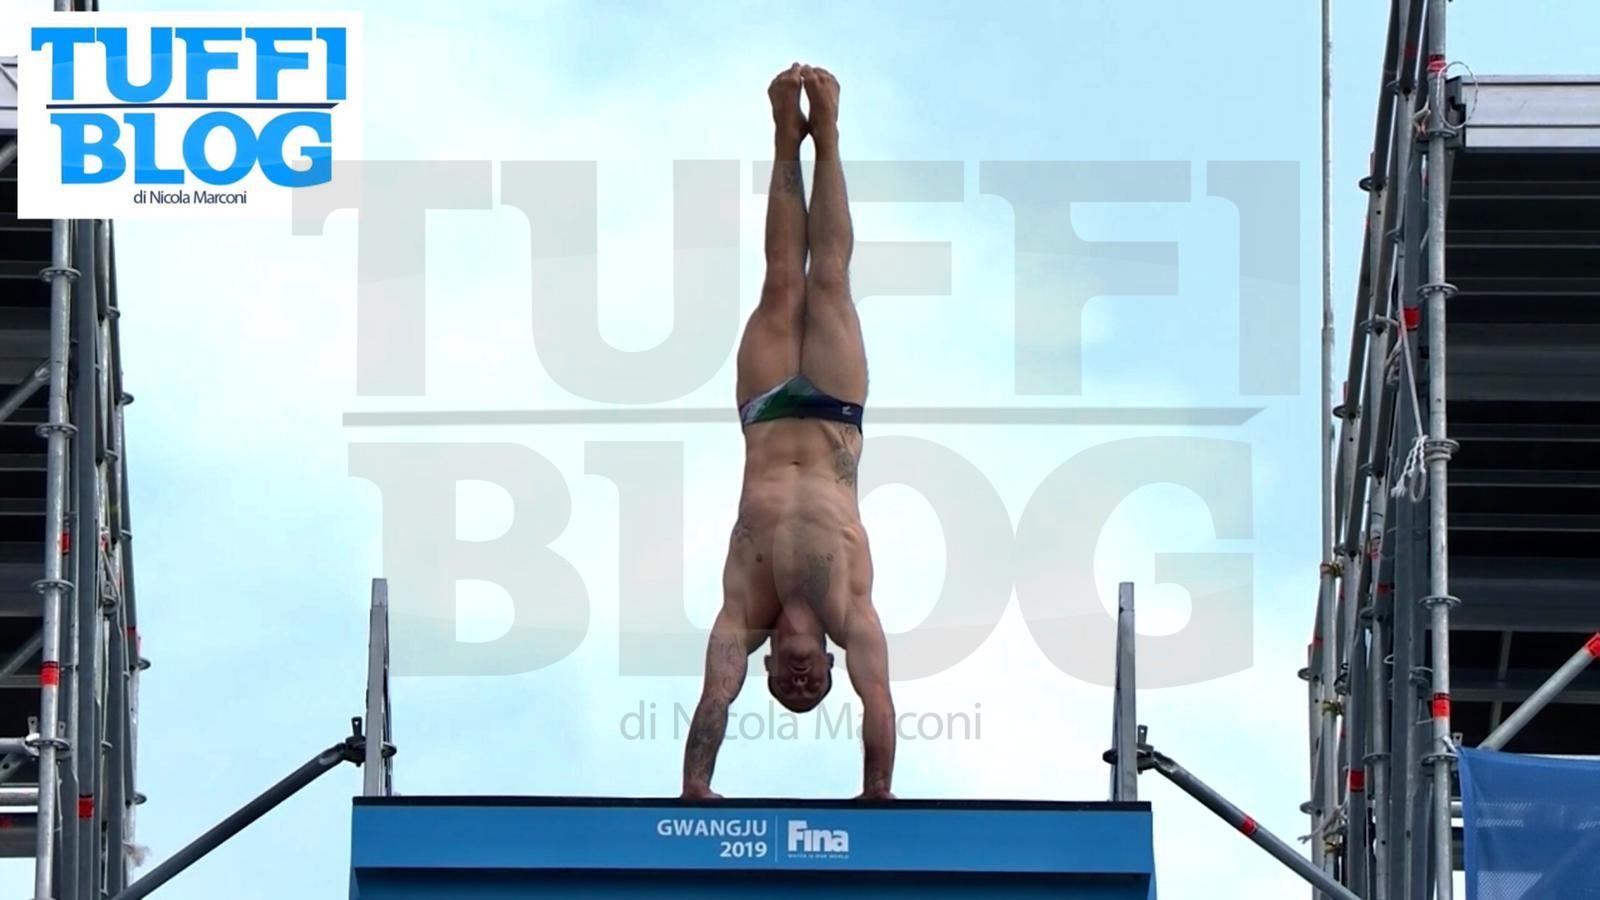 Campionati Mondiali: Gwangju - Hunt si riprende la corona, De Rose quinto posto tra i migliori.